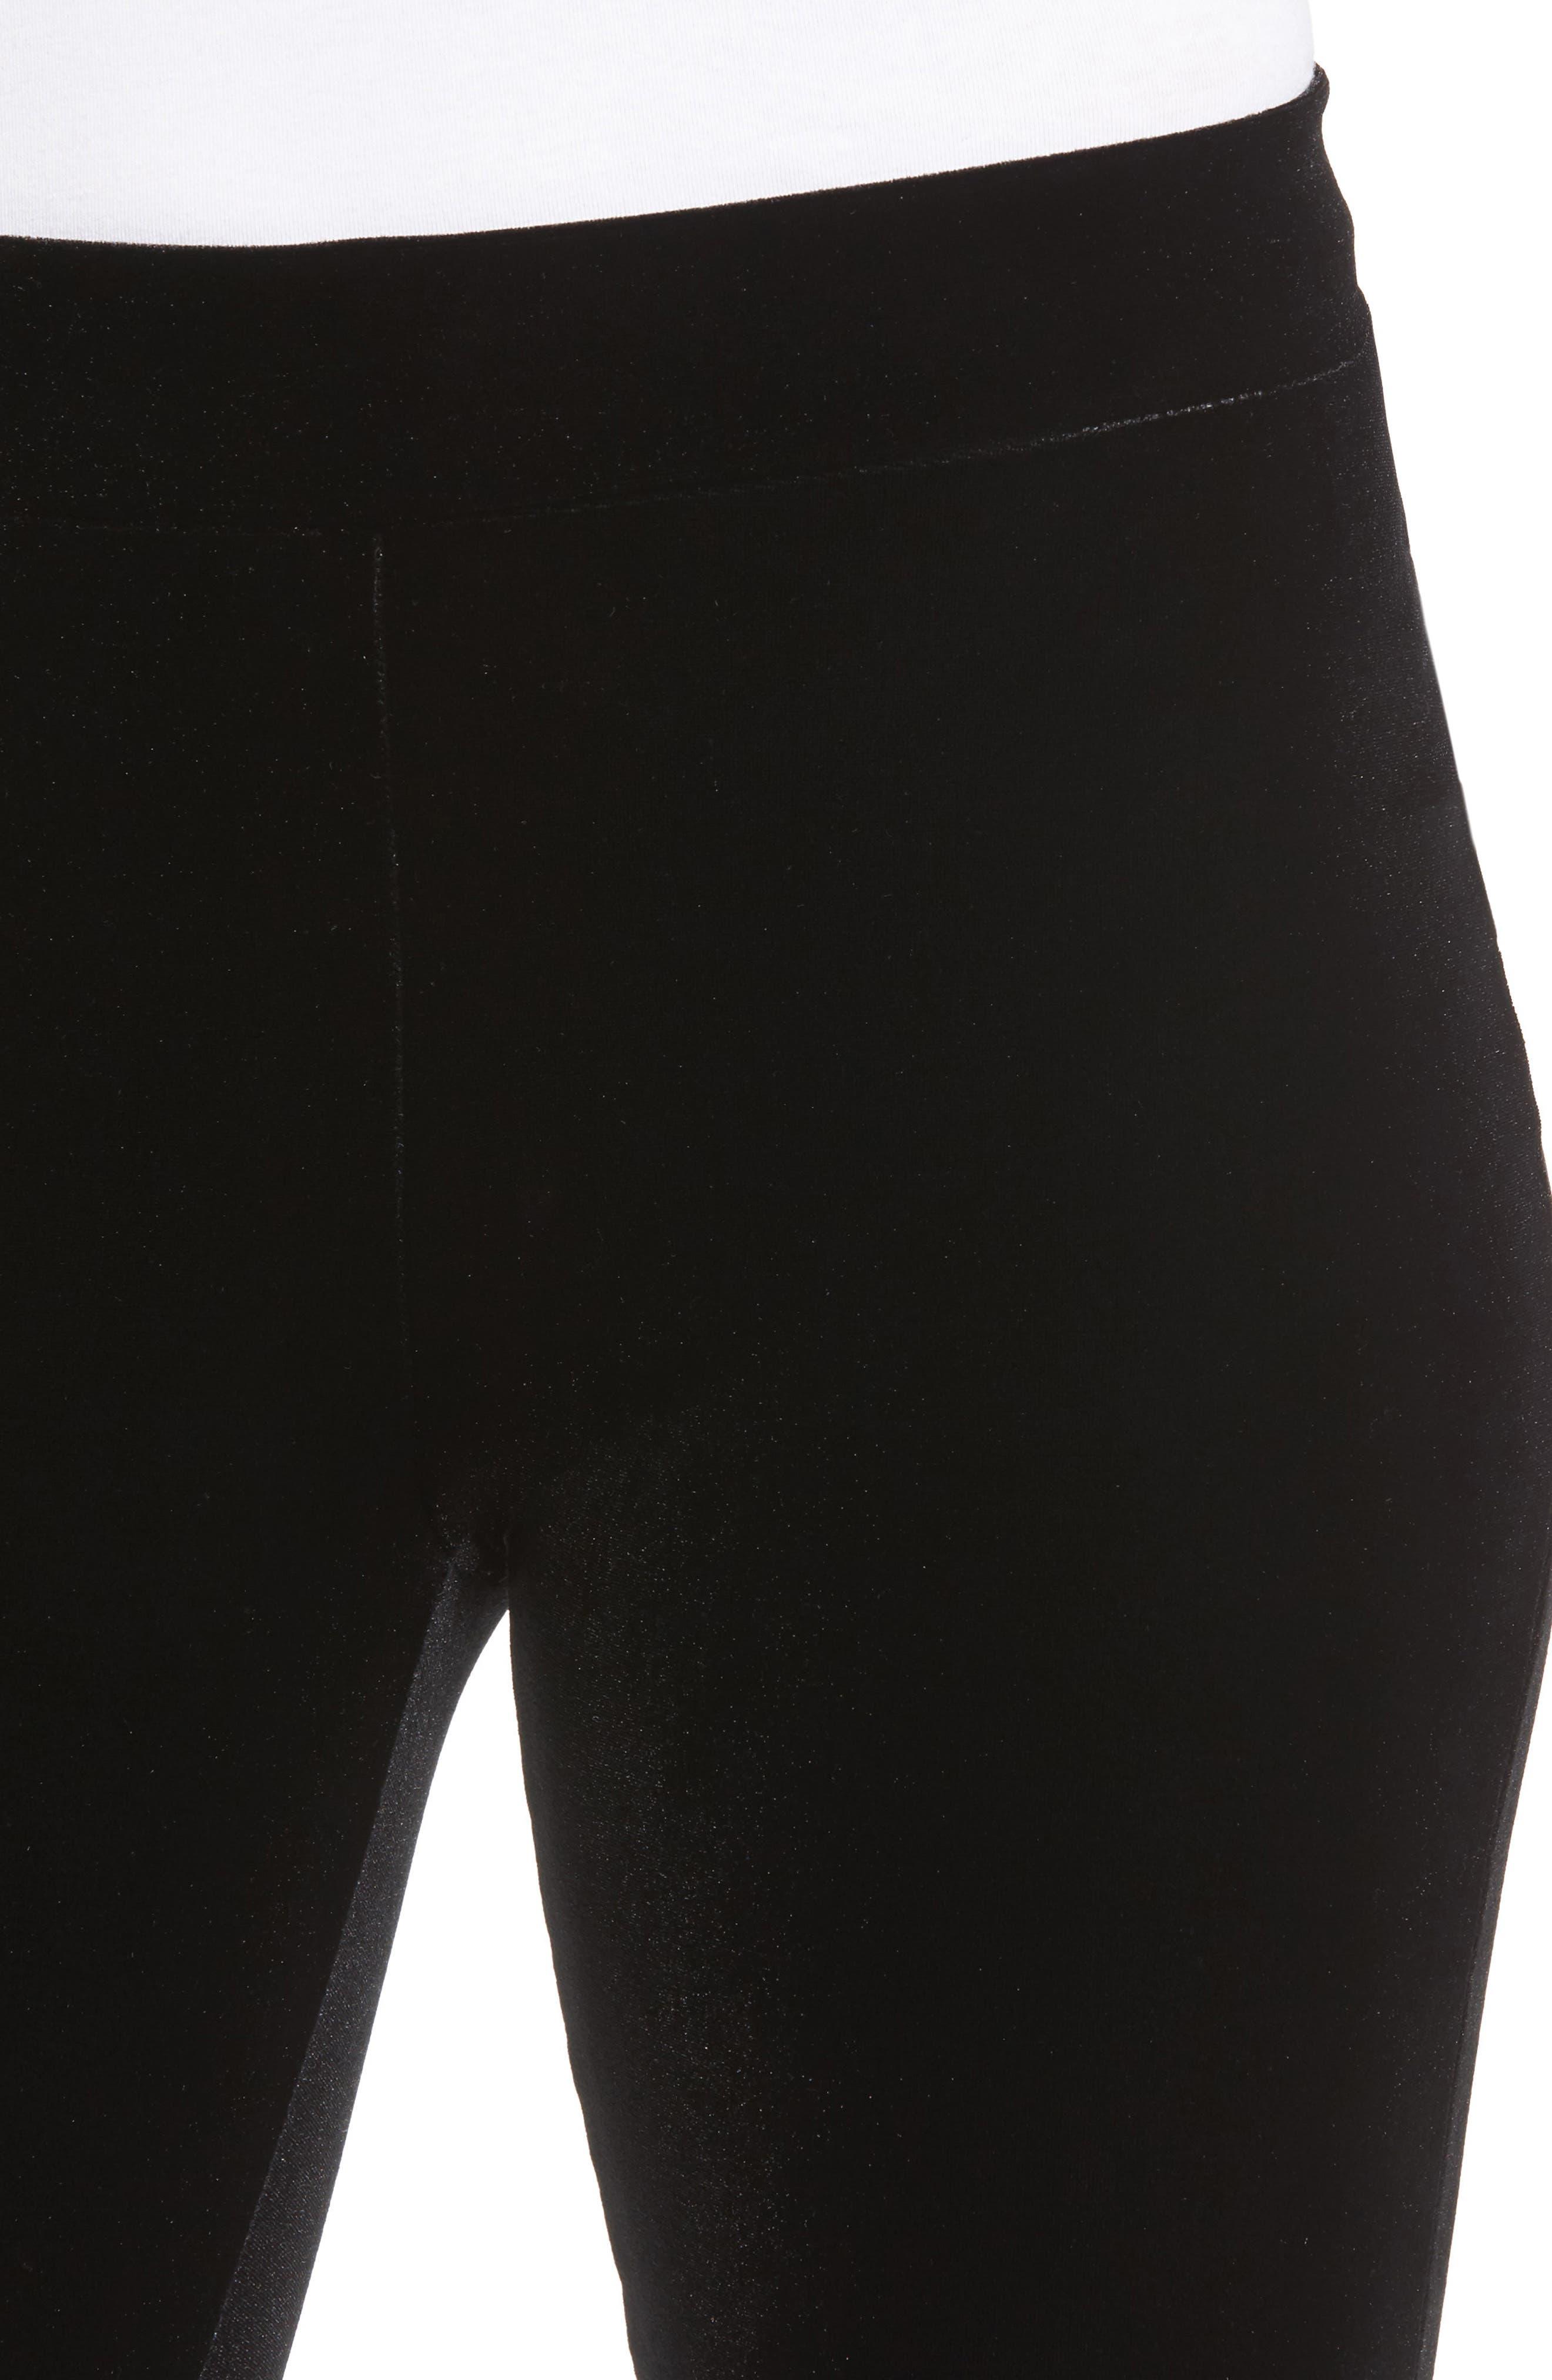 Velvet Leggings,                             Alternate thumbnail 4, color,                             Black